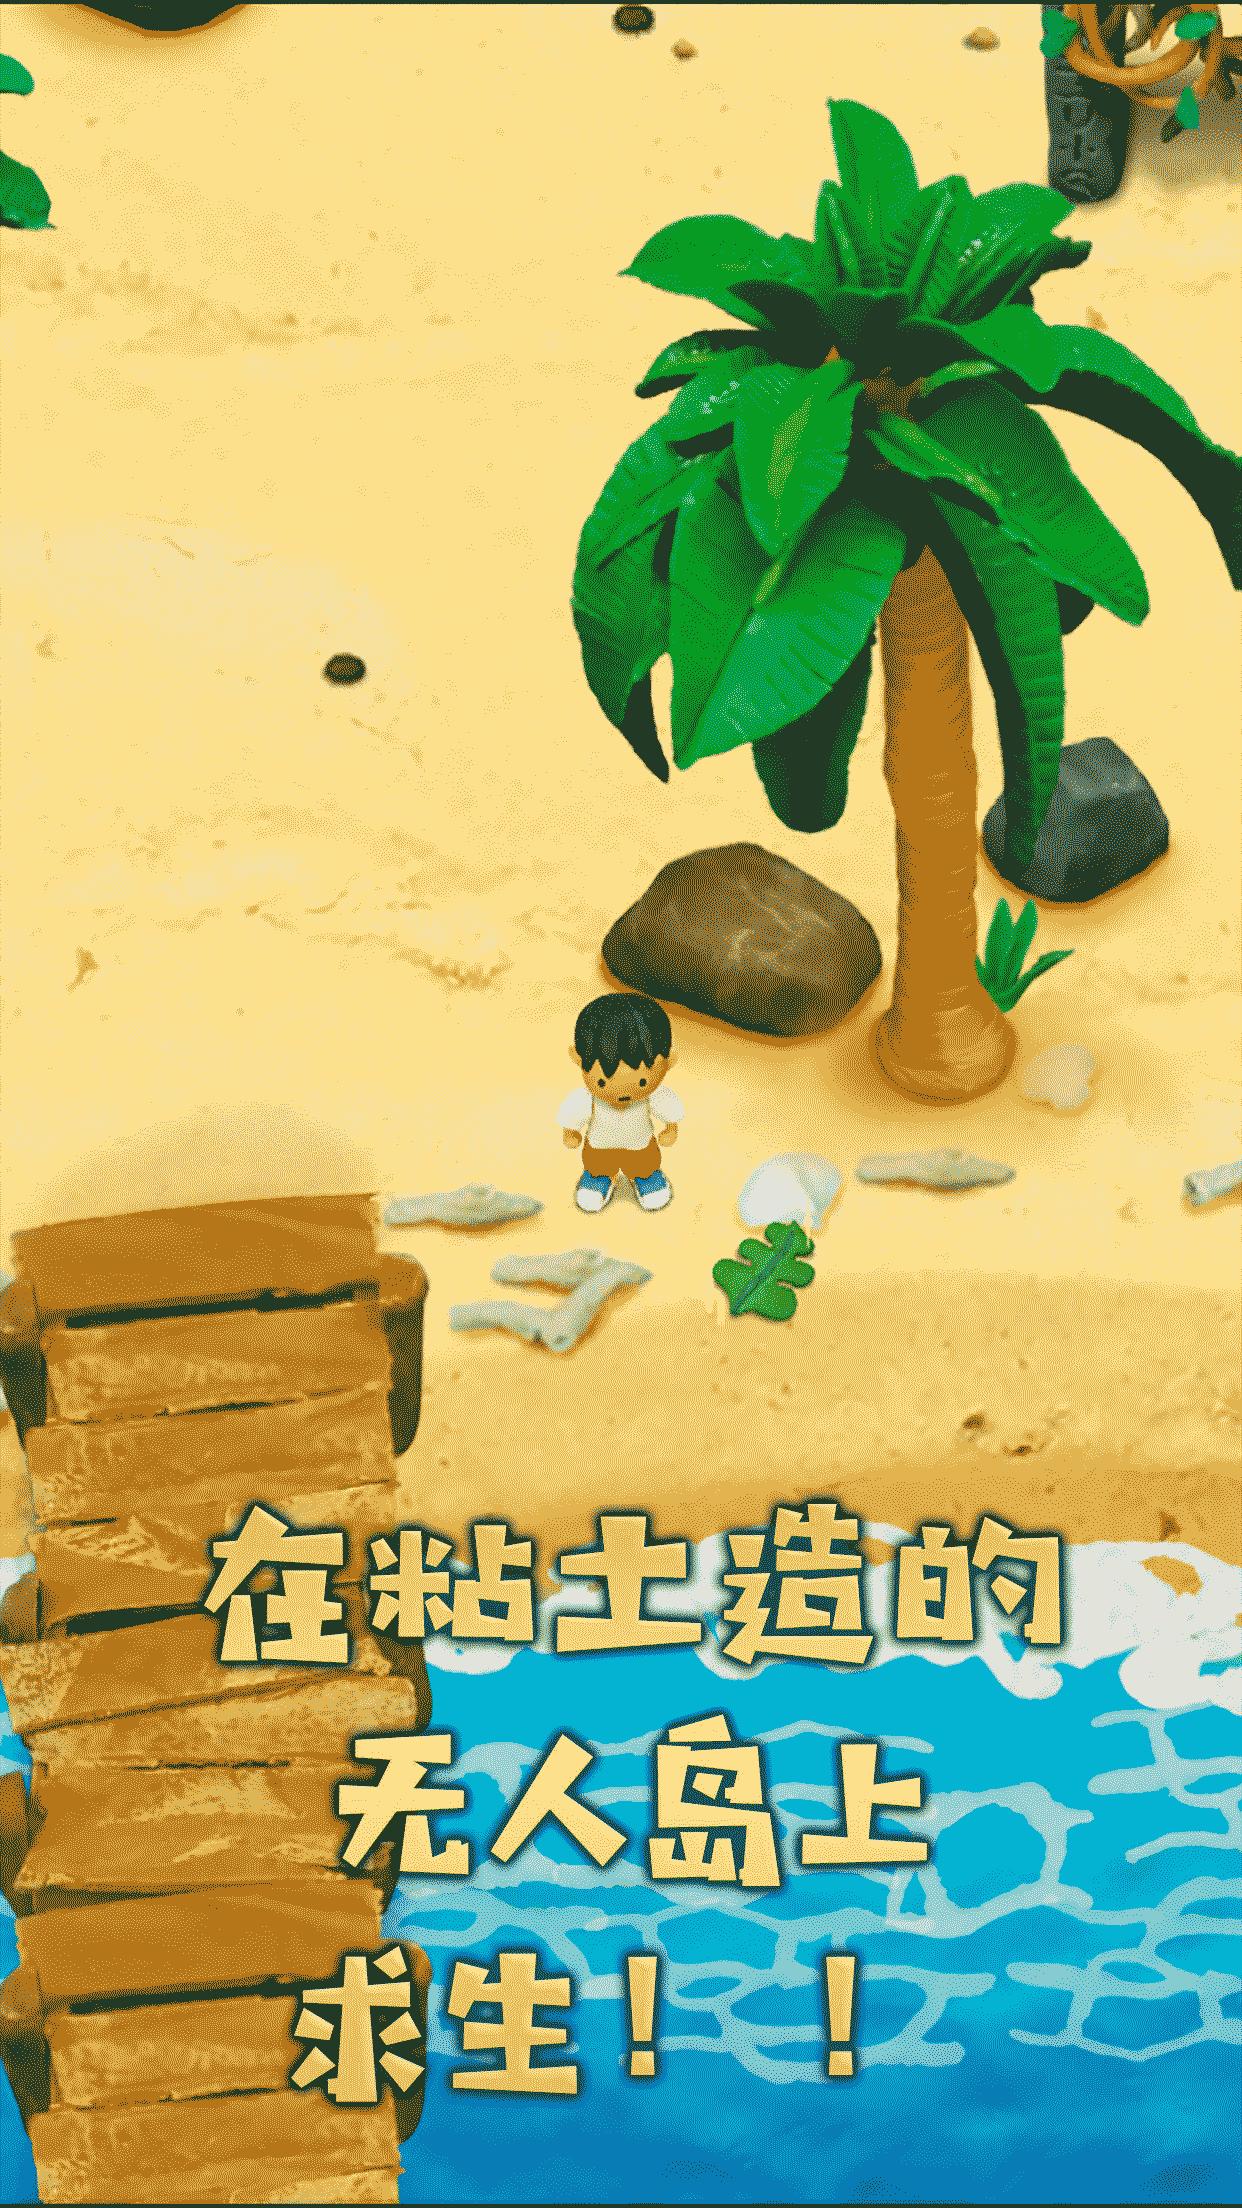 黏土无人岛游戏截图